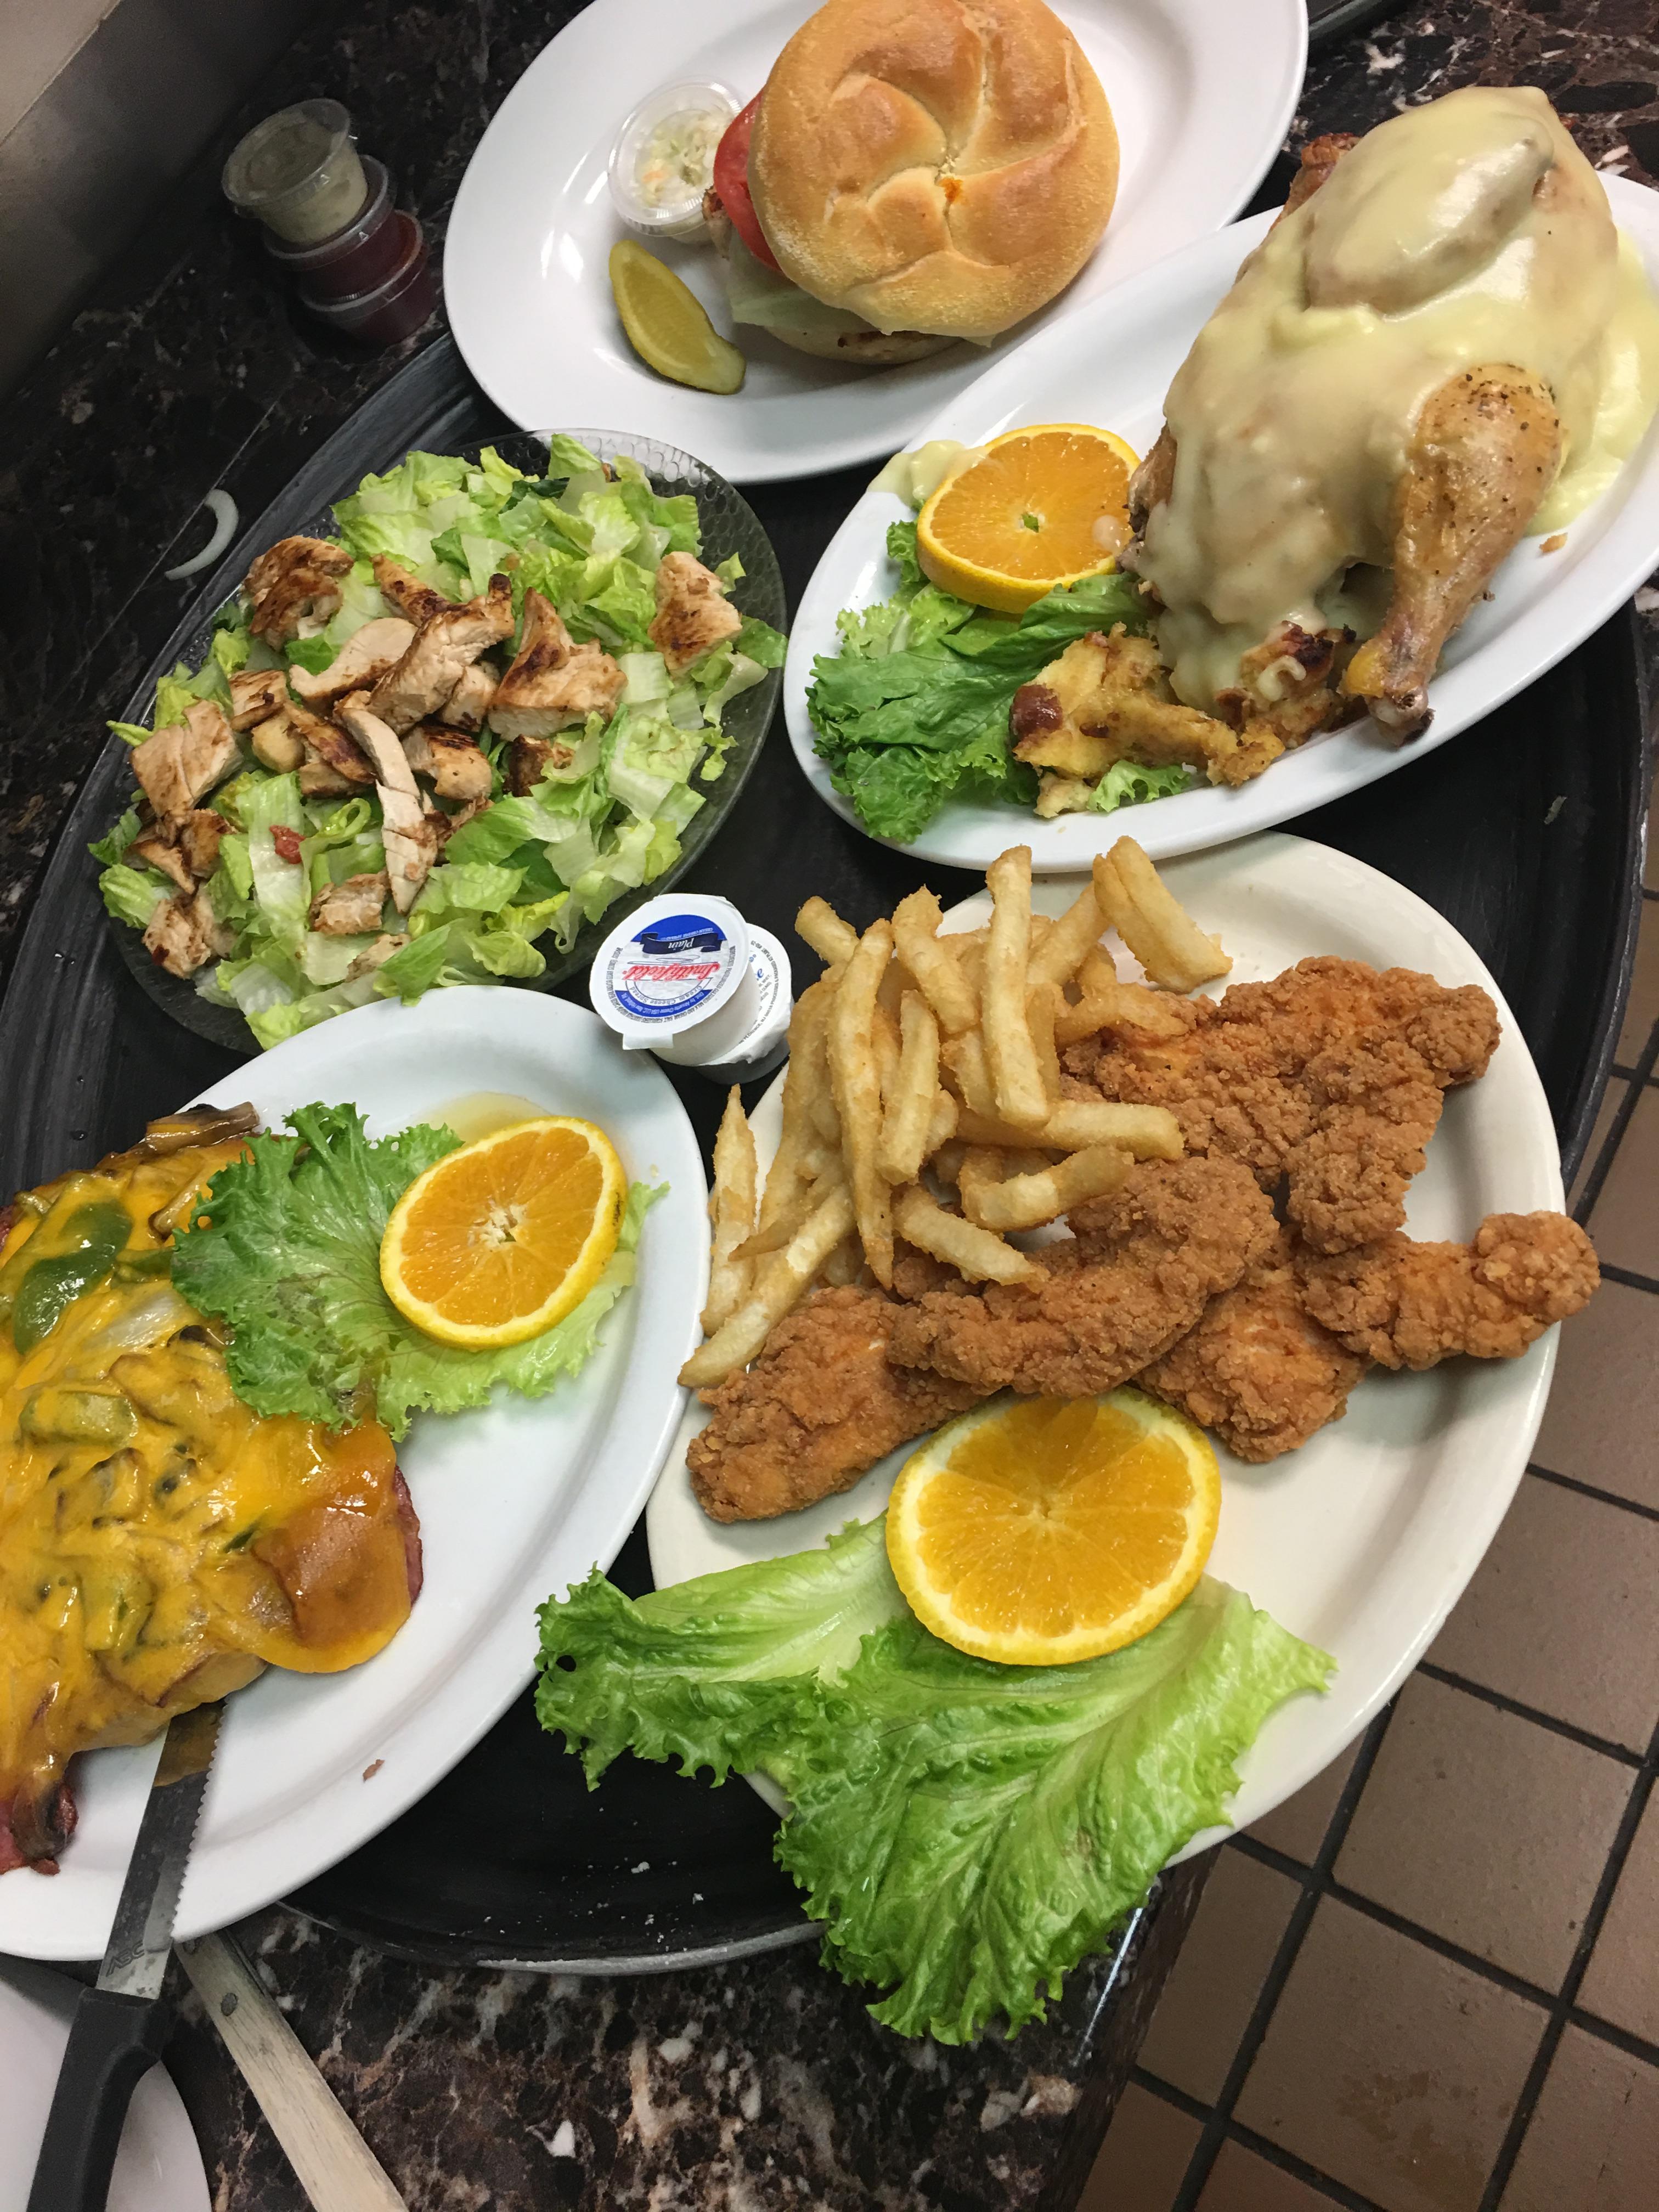 Red Lion Diner & Restaurant image 3